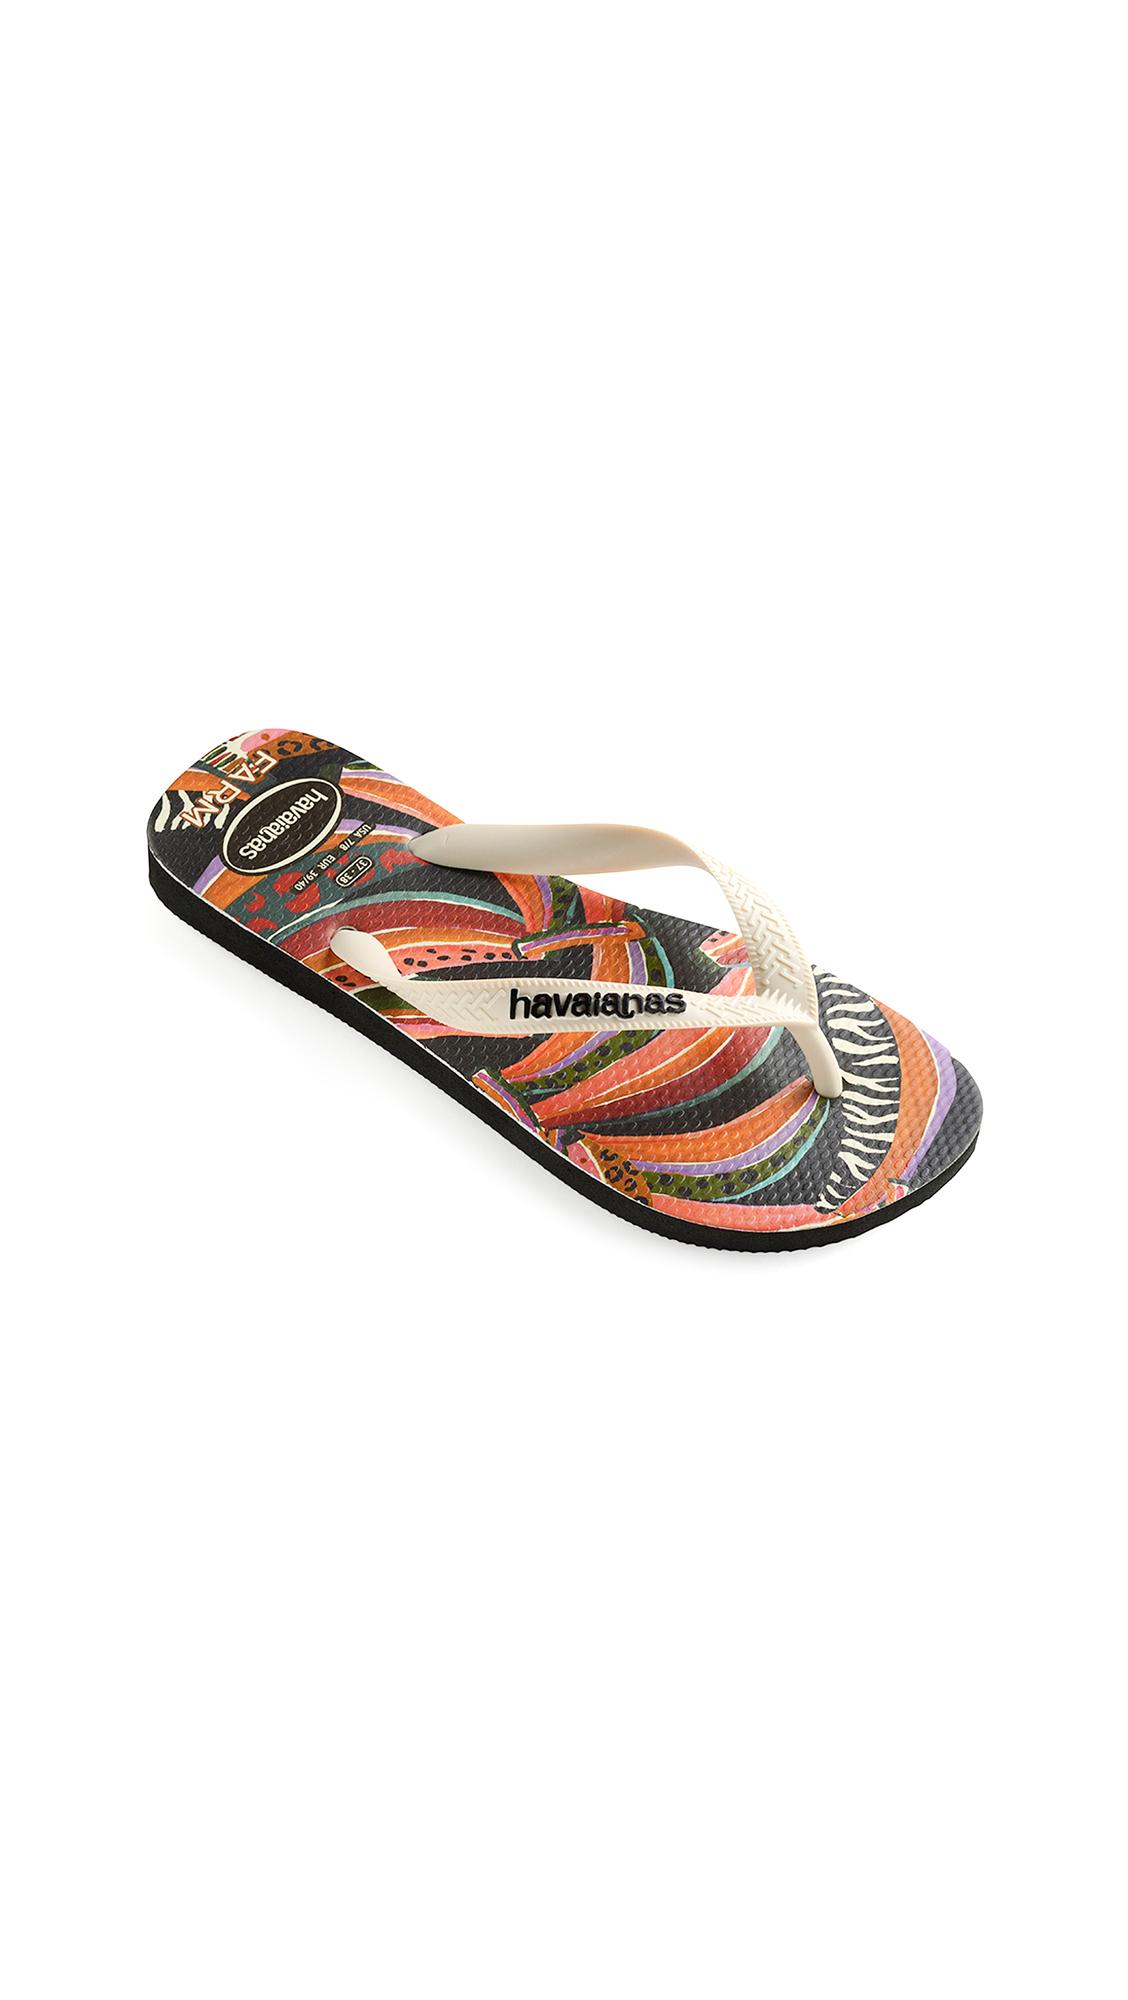 Buy Havaianas x Farm Rio Bananas Sandals online, shop Havaianas